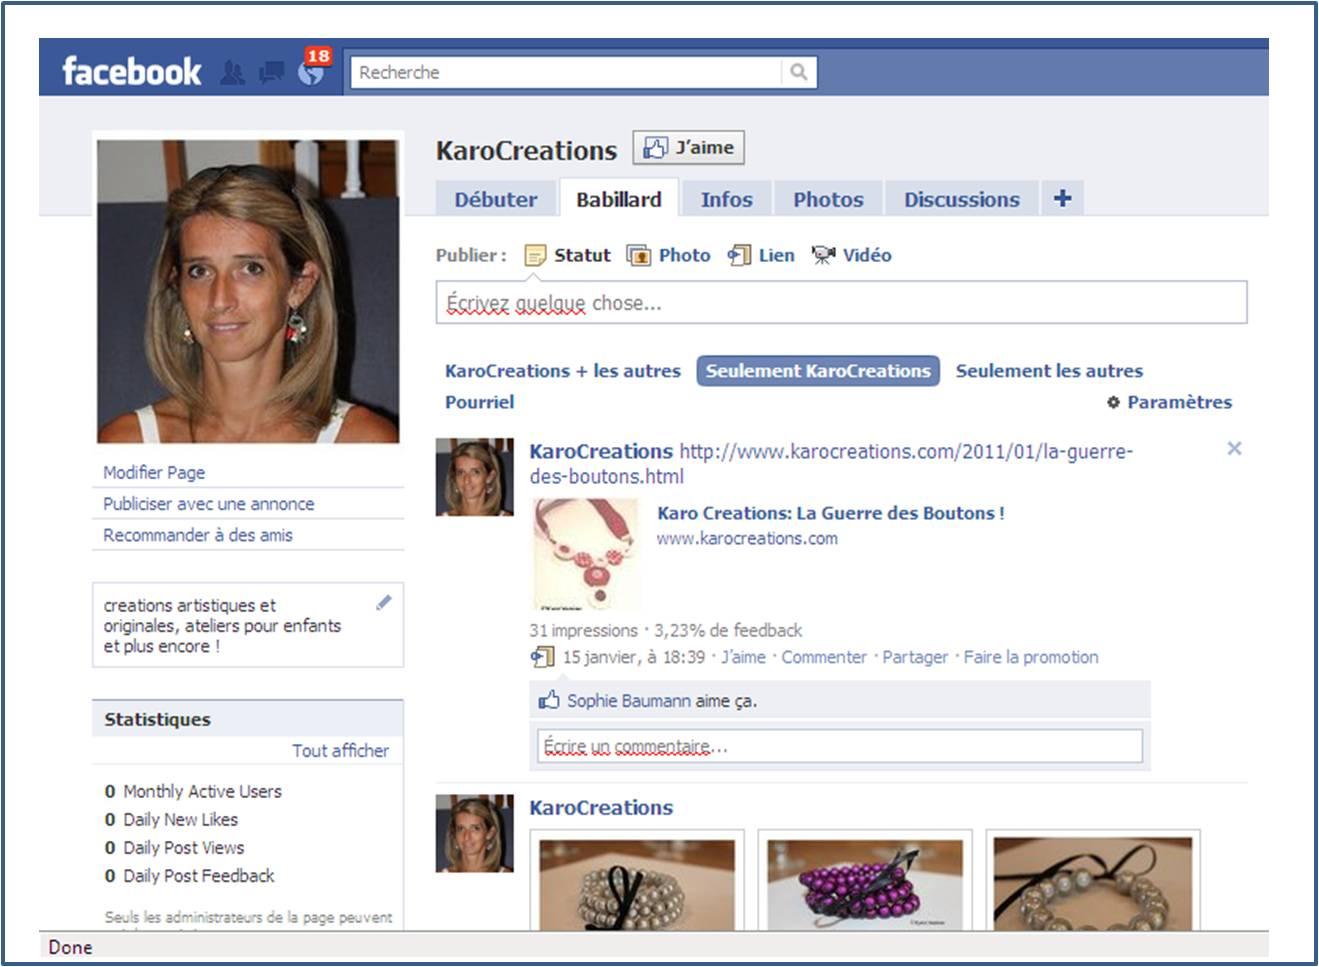 http://3.bp.blogspot.com/_mX6lJCj4p2I/TTca3I4C4NI/AAAAAAAACIc/pi_D-xqqFAs/s1600/facebook.jpg